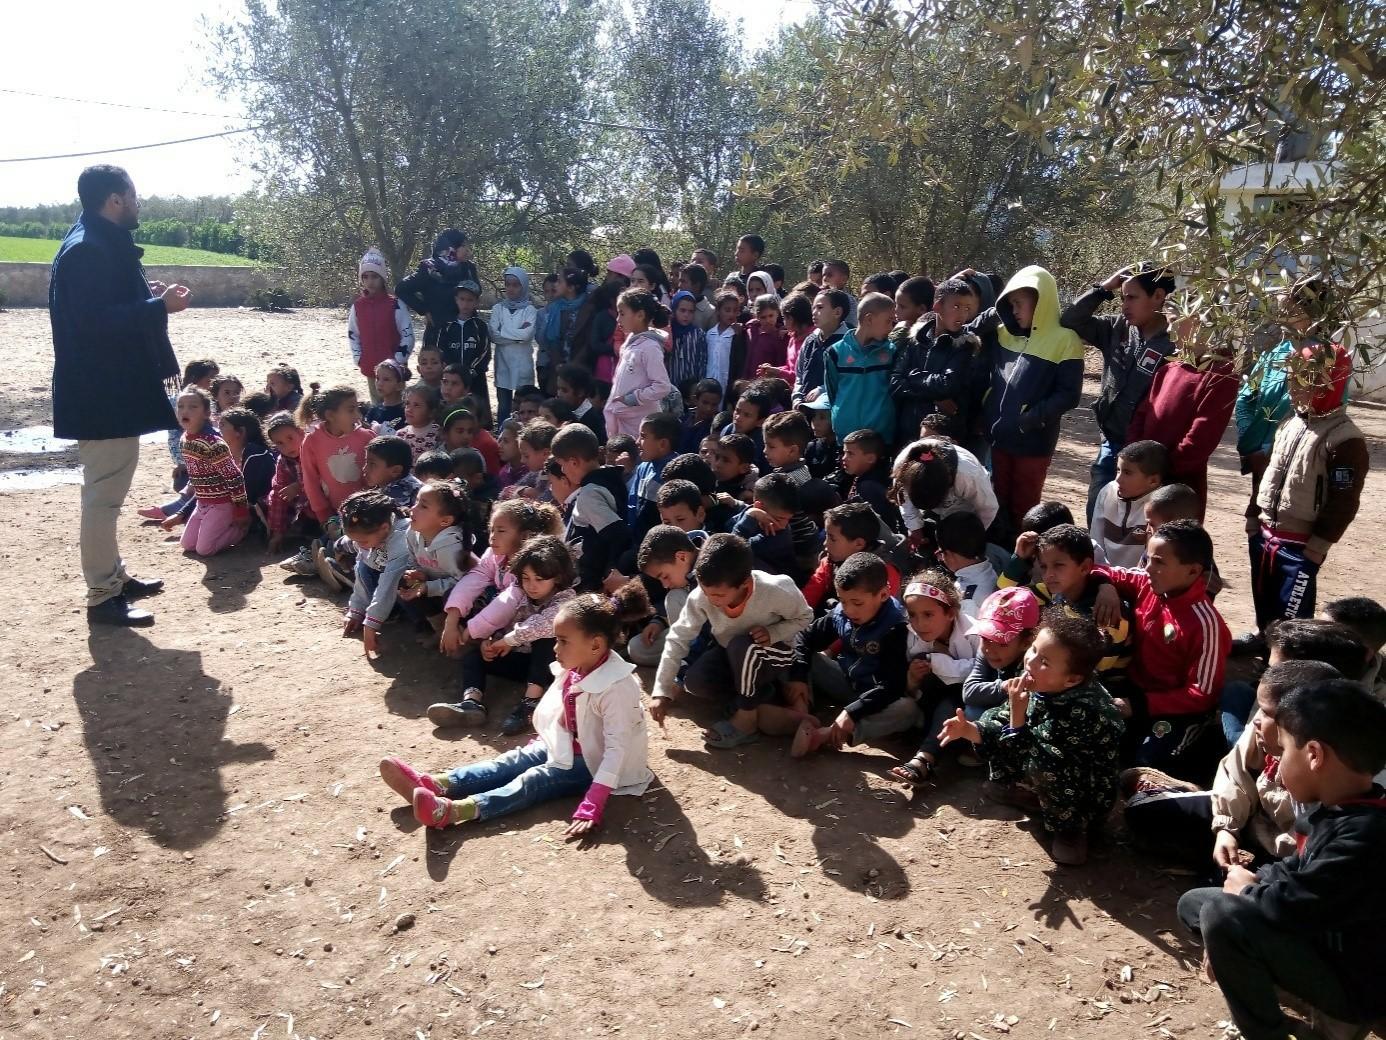 نشاط بيئي نظمته مؤسسة الأطلس الكبير بمجموعة مدارس اولاد الطبيب جماعة أولاد صباح إقليم برشيد